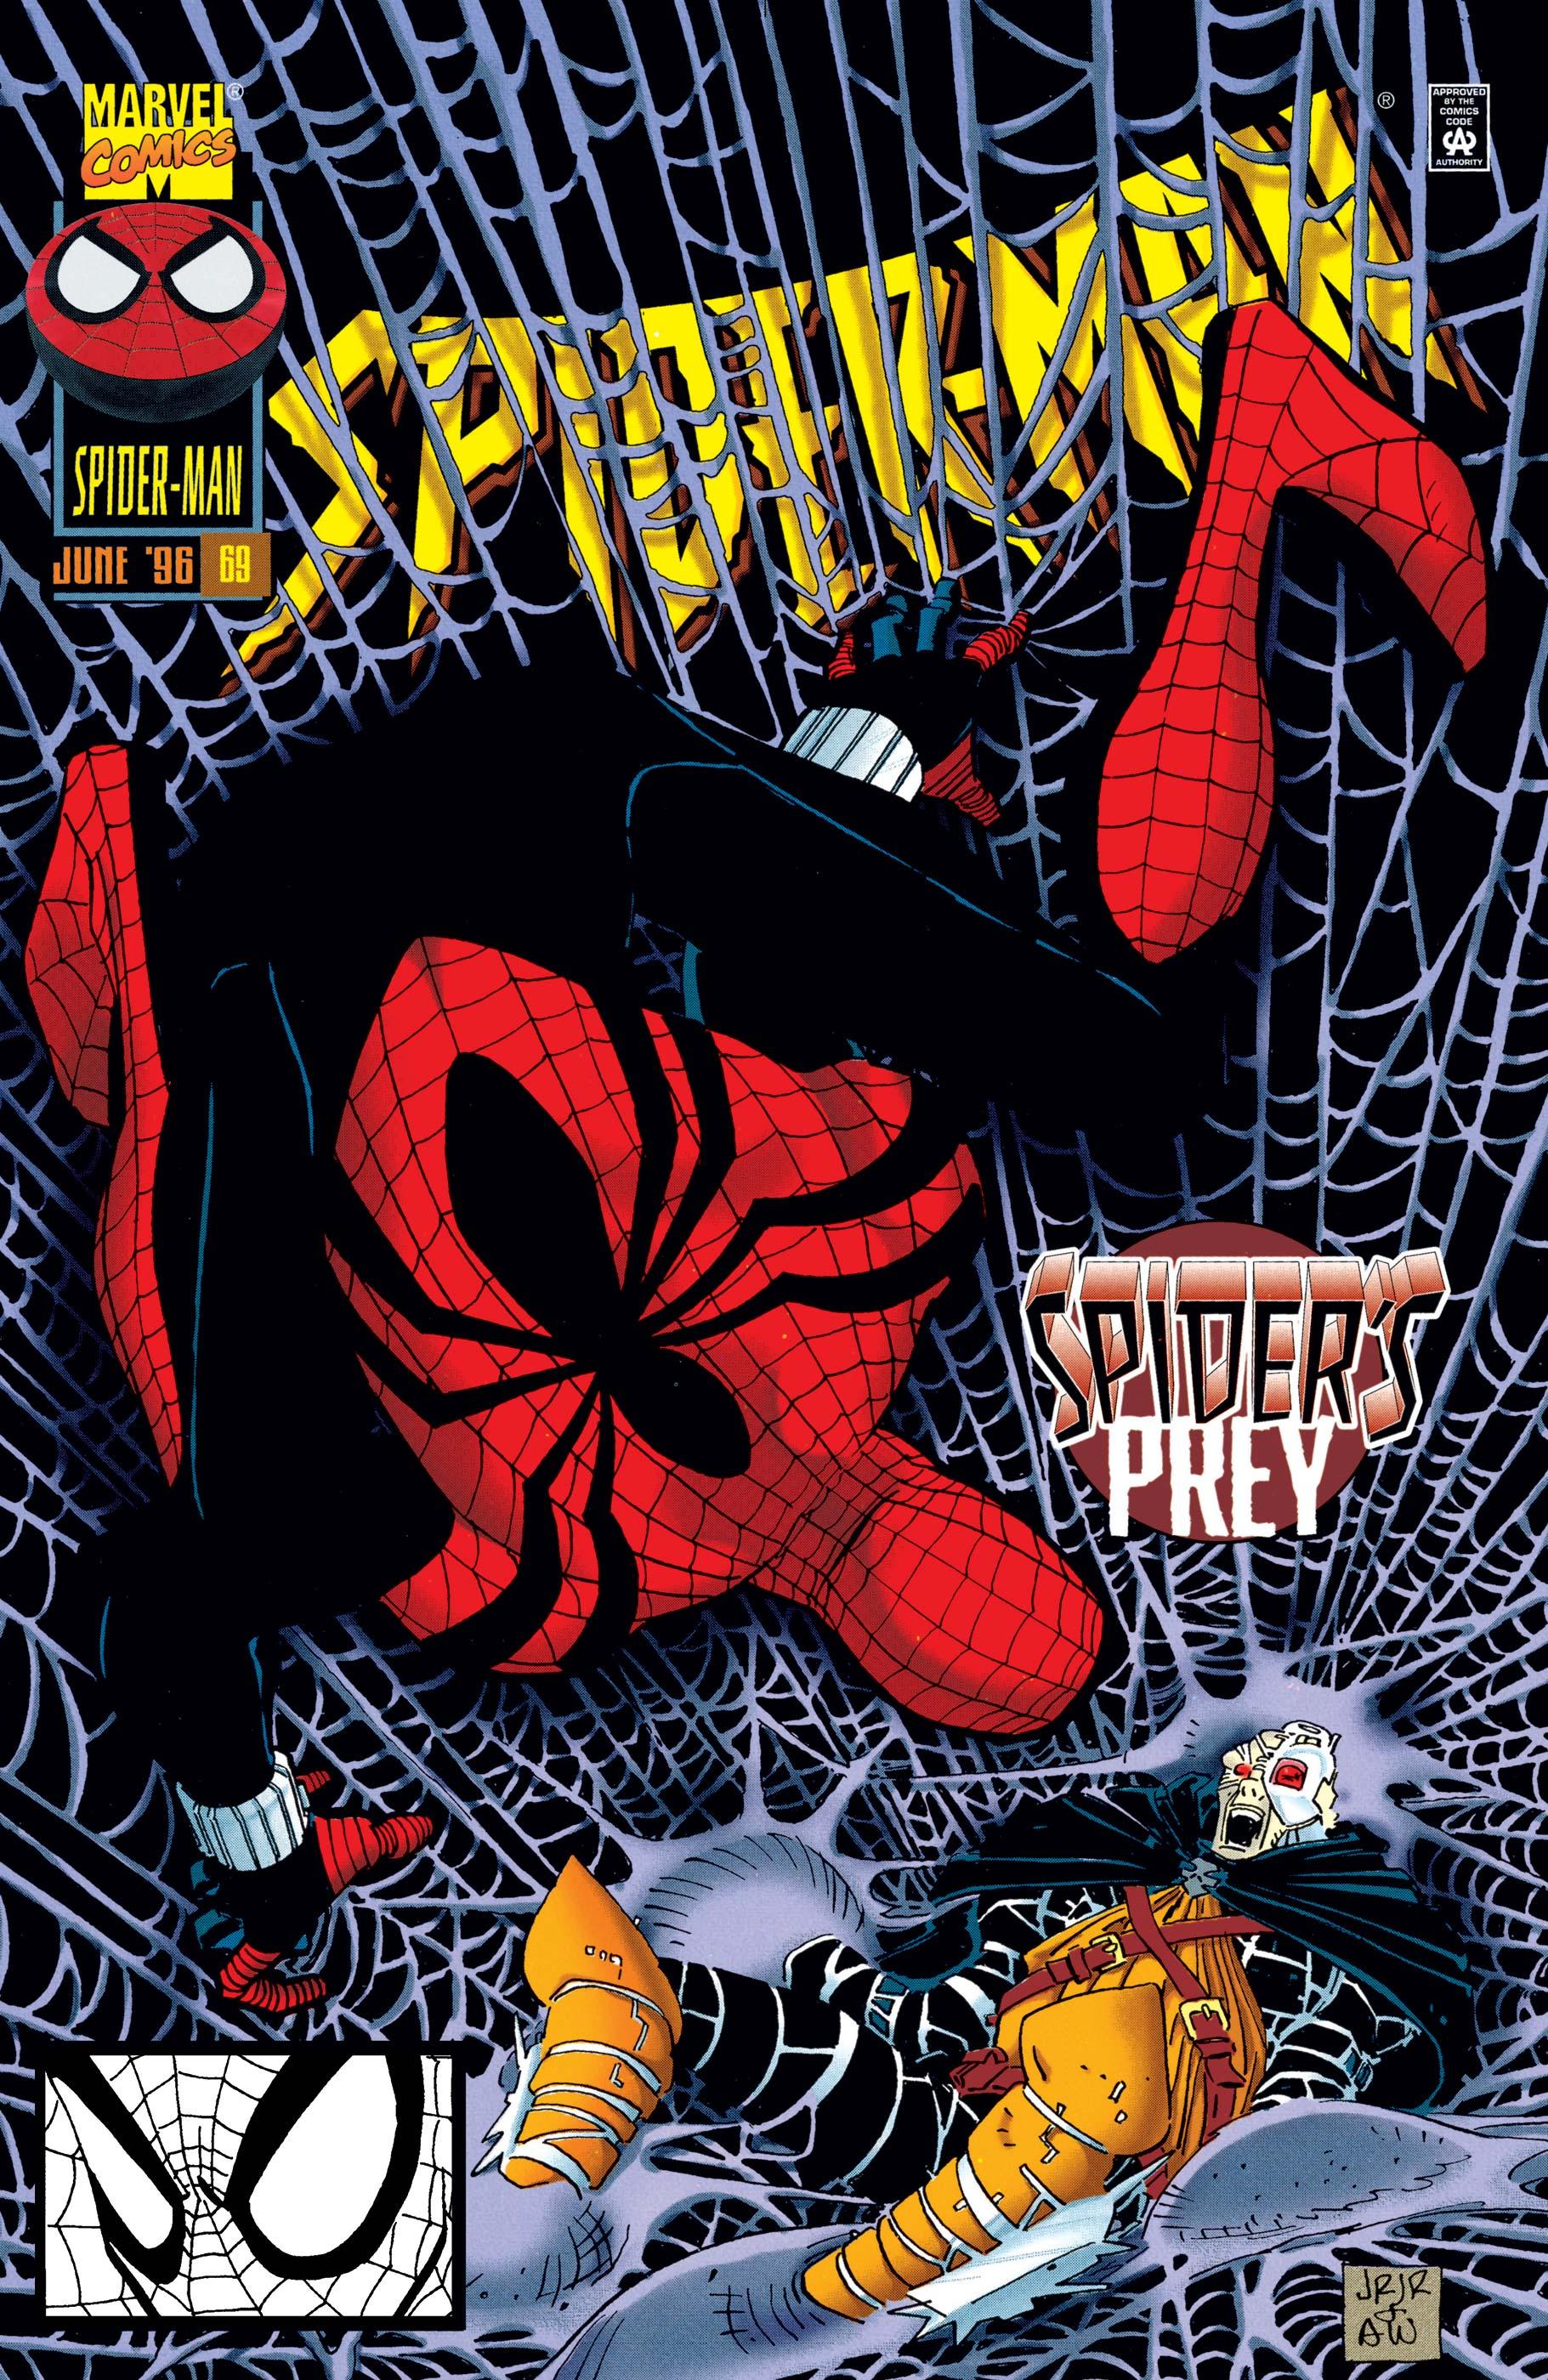 Spider-Man (1990) #69